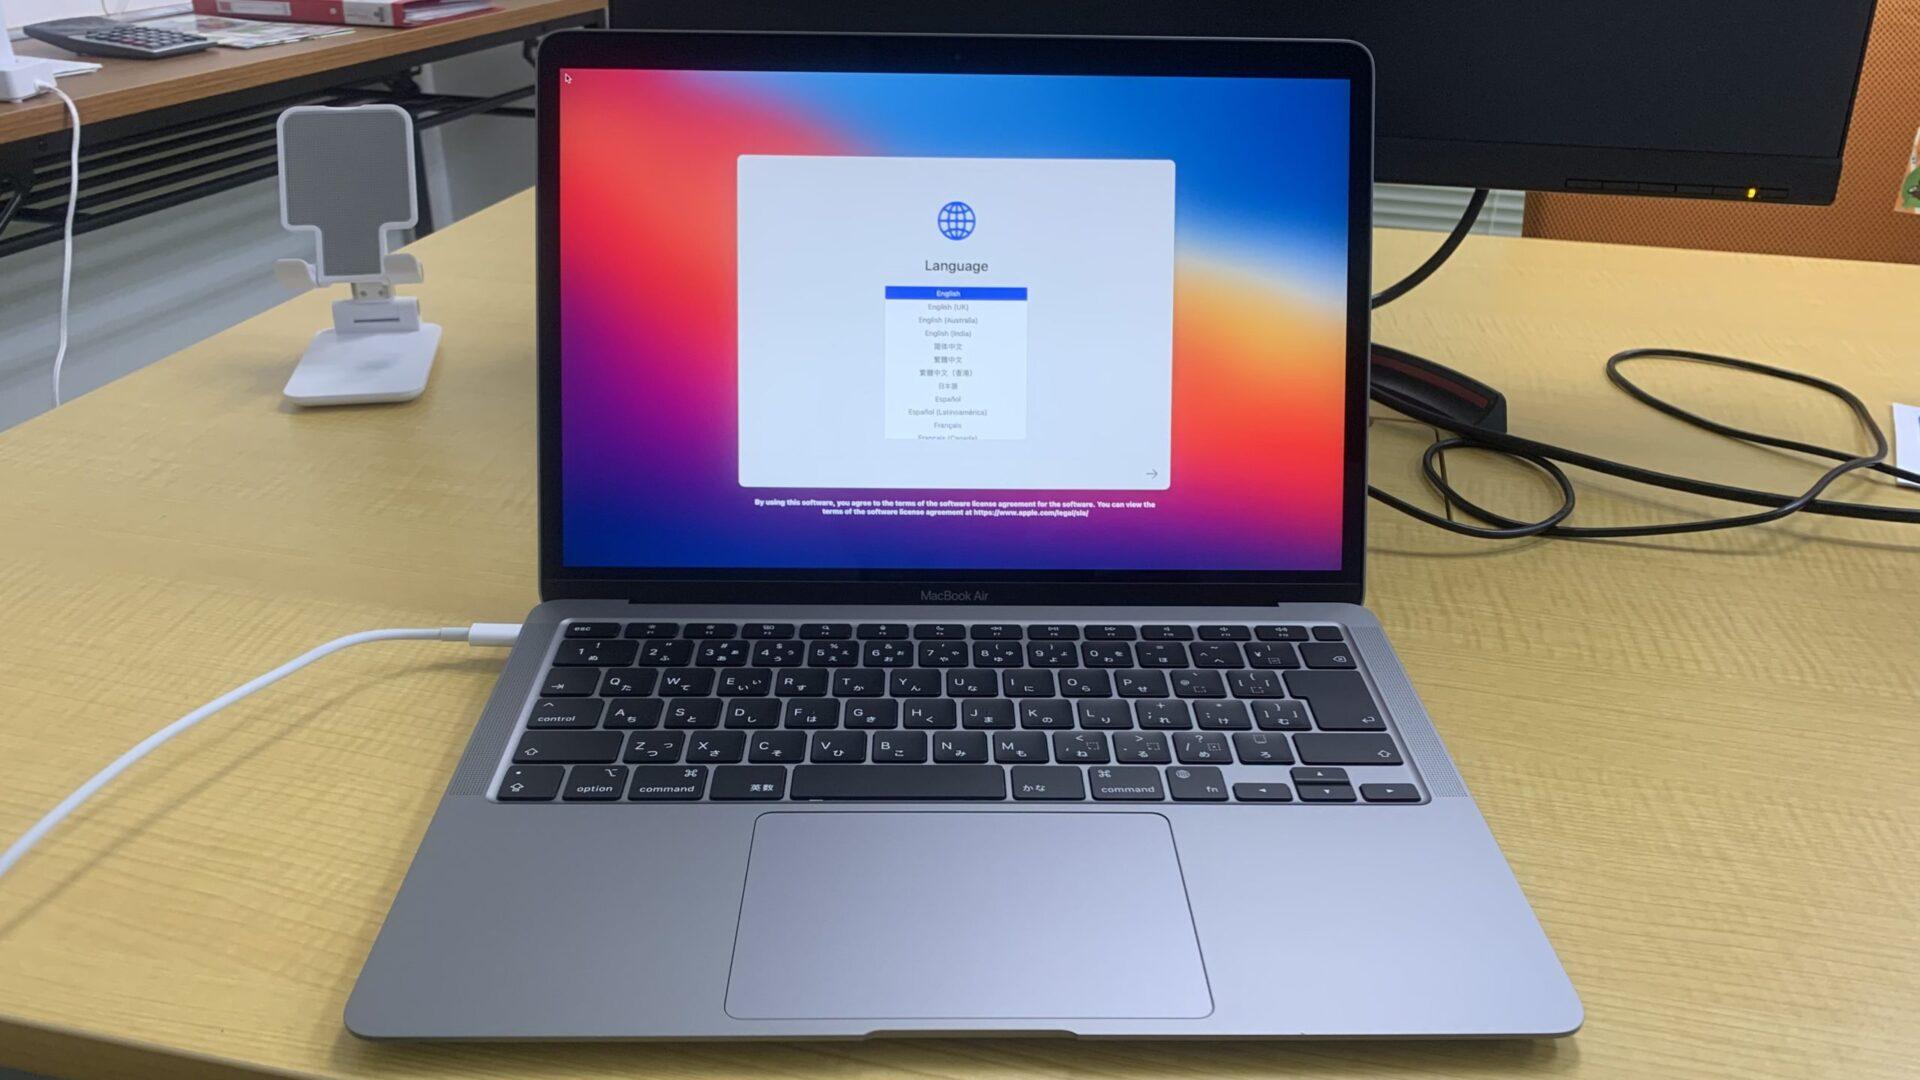 ネット上の噂に違わぬ性能を誇る新MacBookAirを今こそ使い倒そう